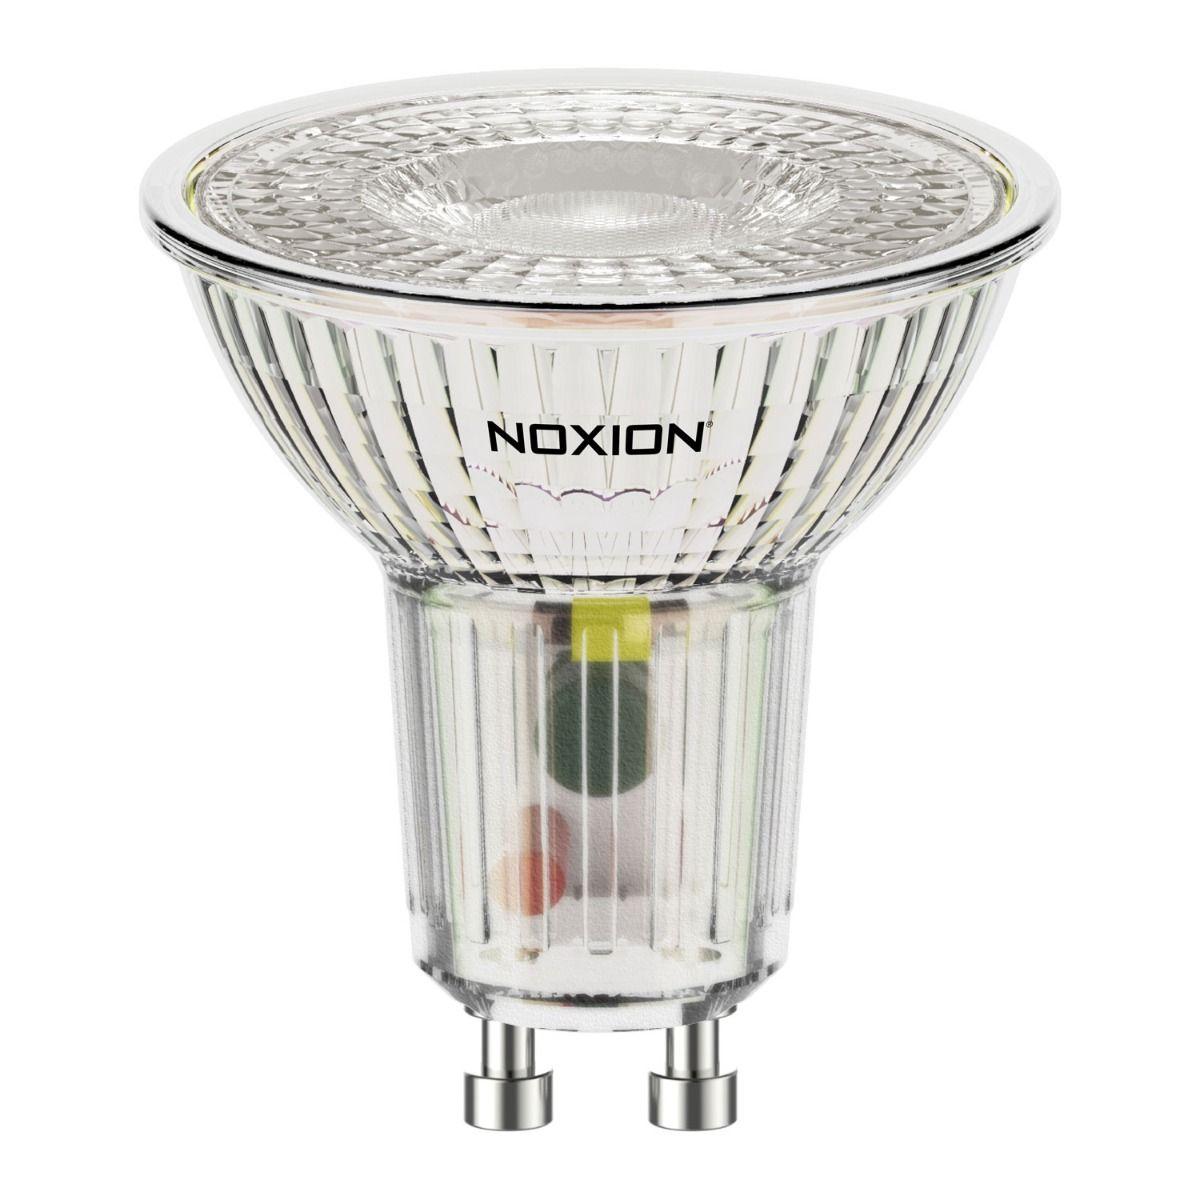 Noxion Spot LED GU10 4W 830 36D 390lm | Blanc Chaud - Substitut 50W